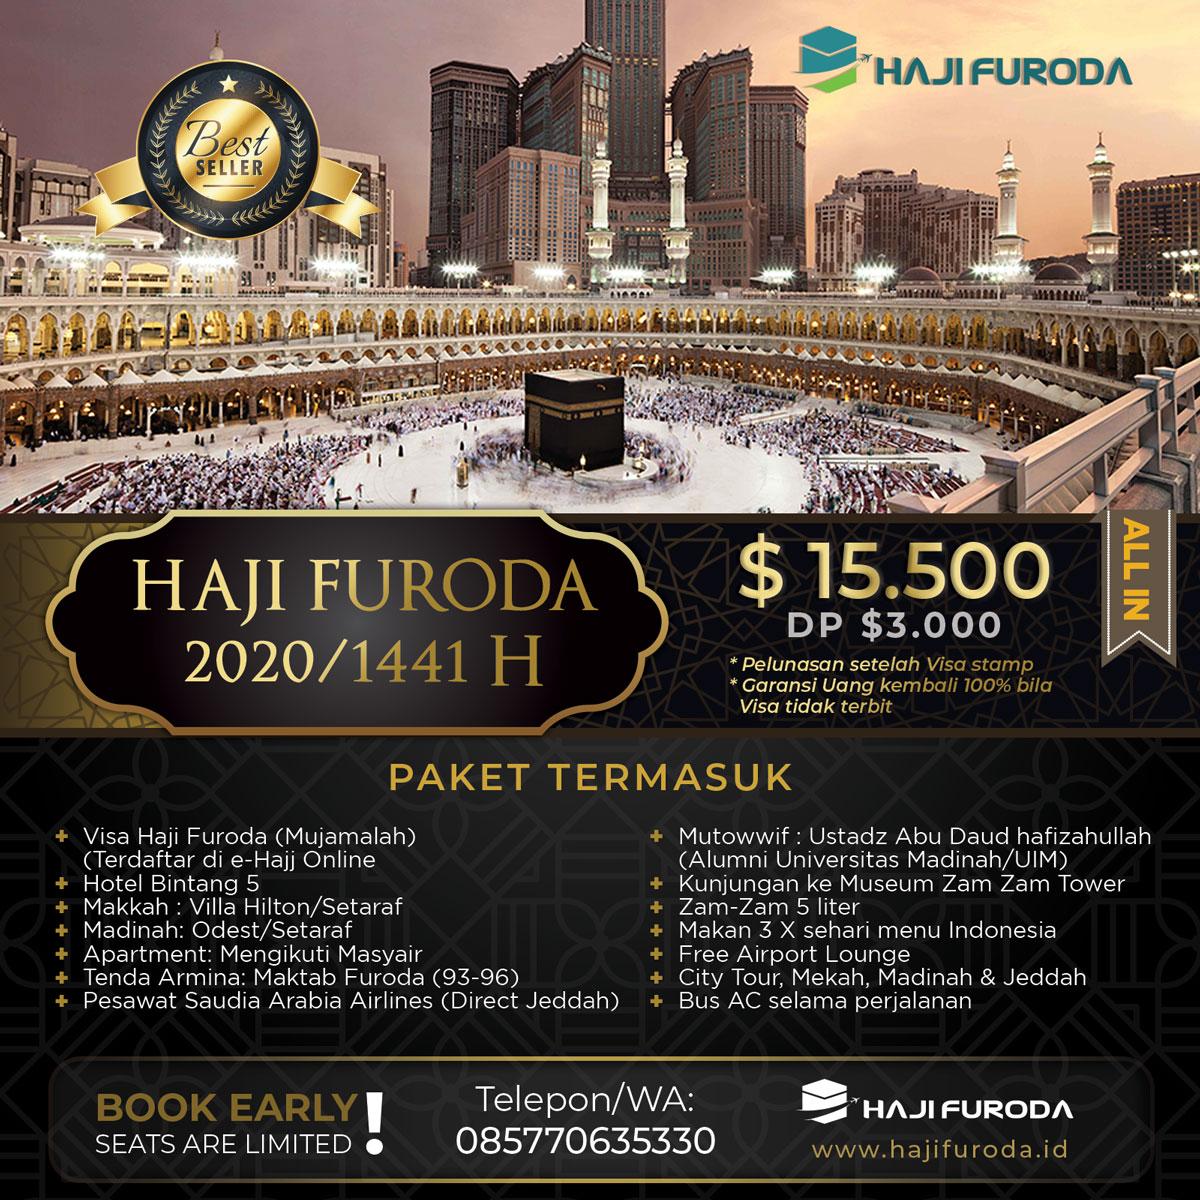 Biaya Haji Furoda Padang